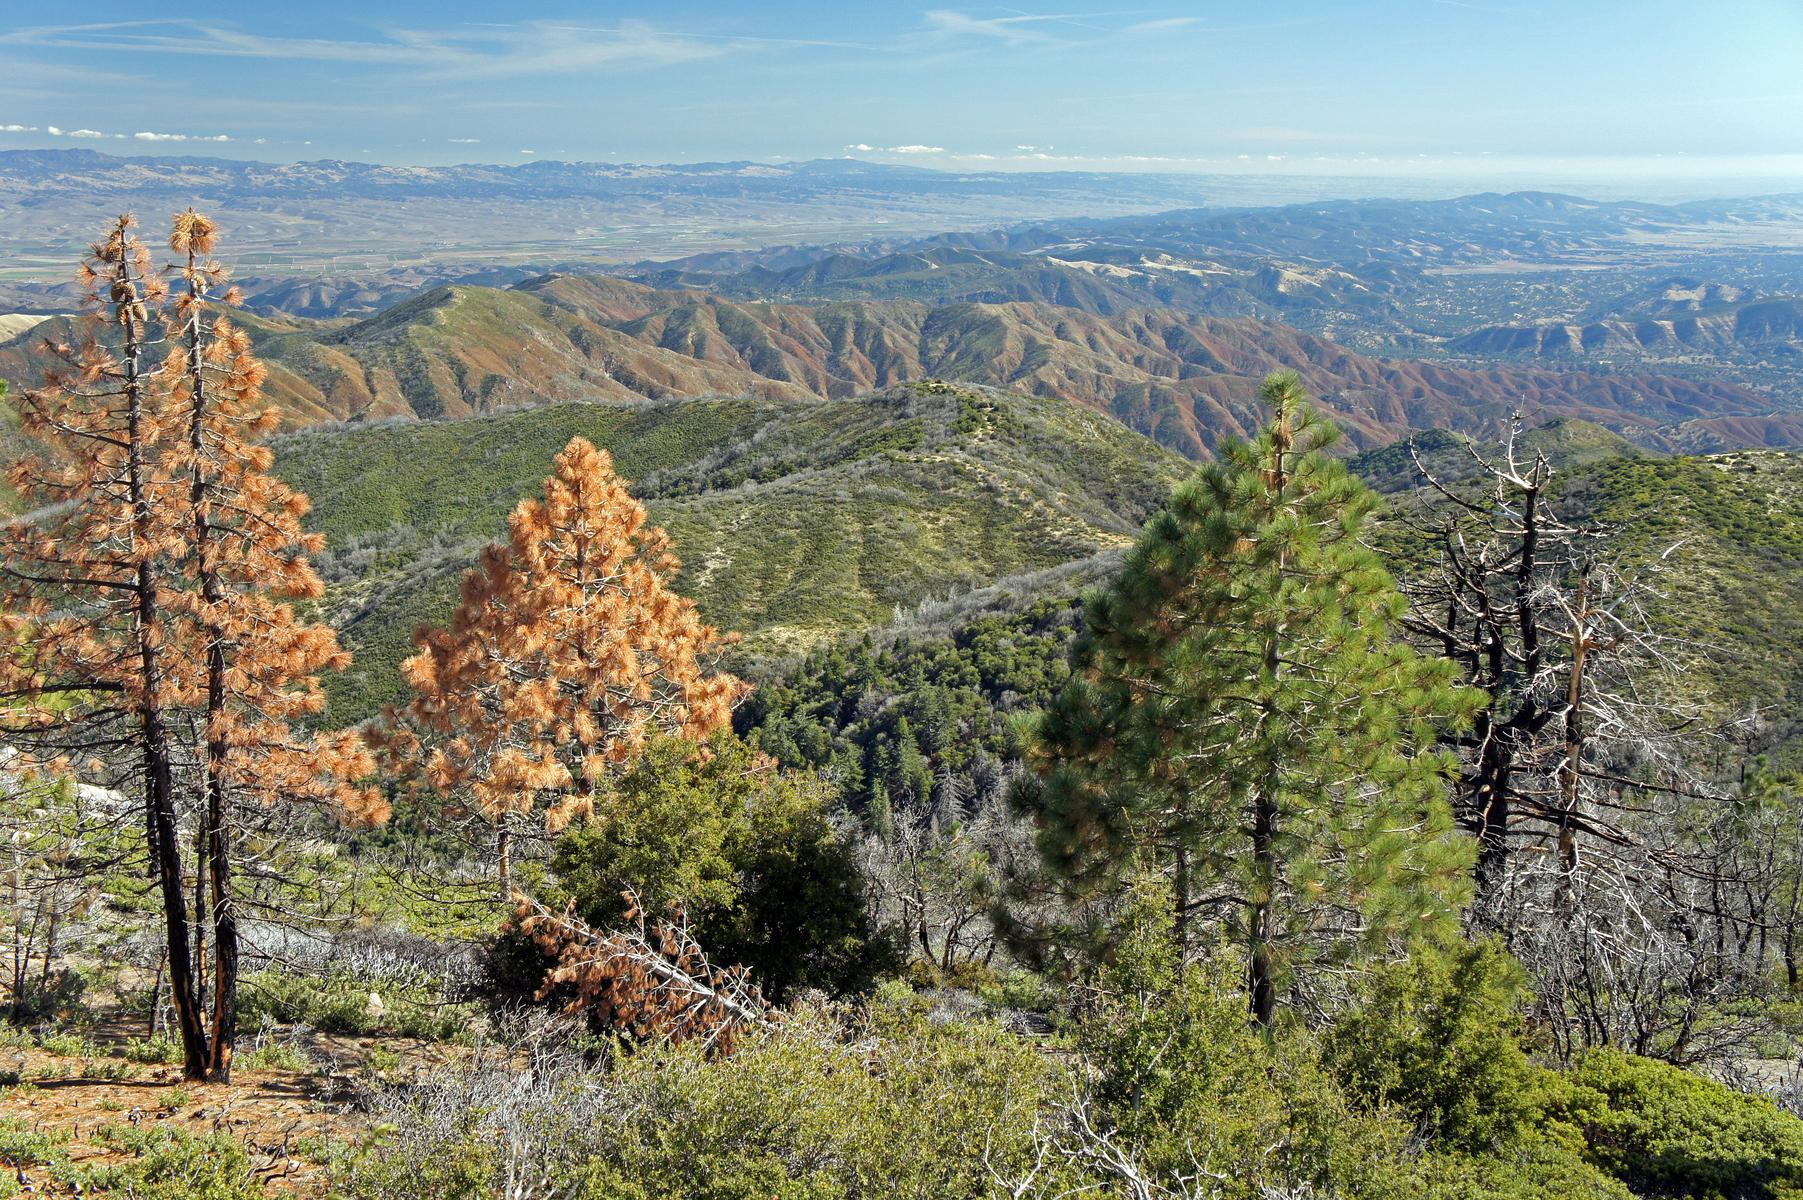 Ventana Wilderness, California